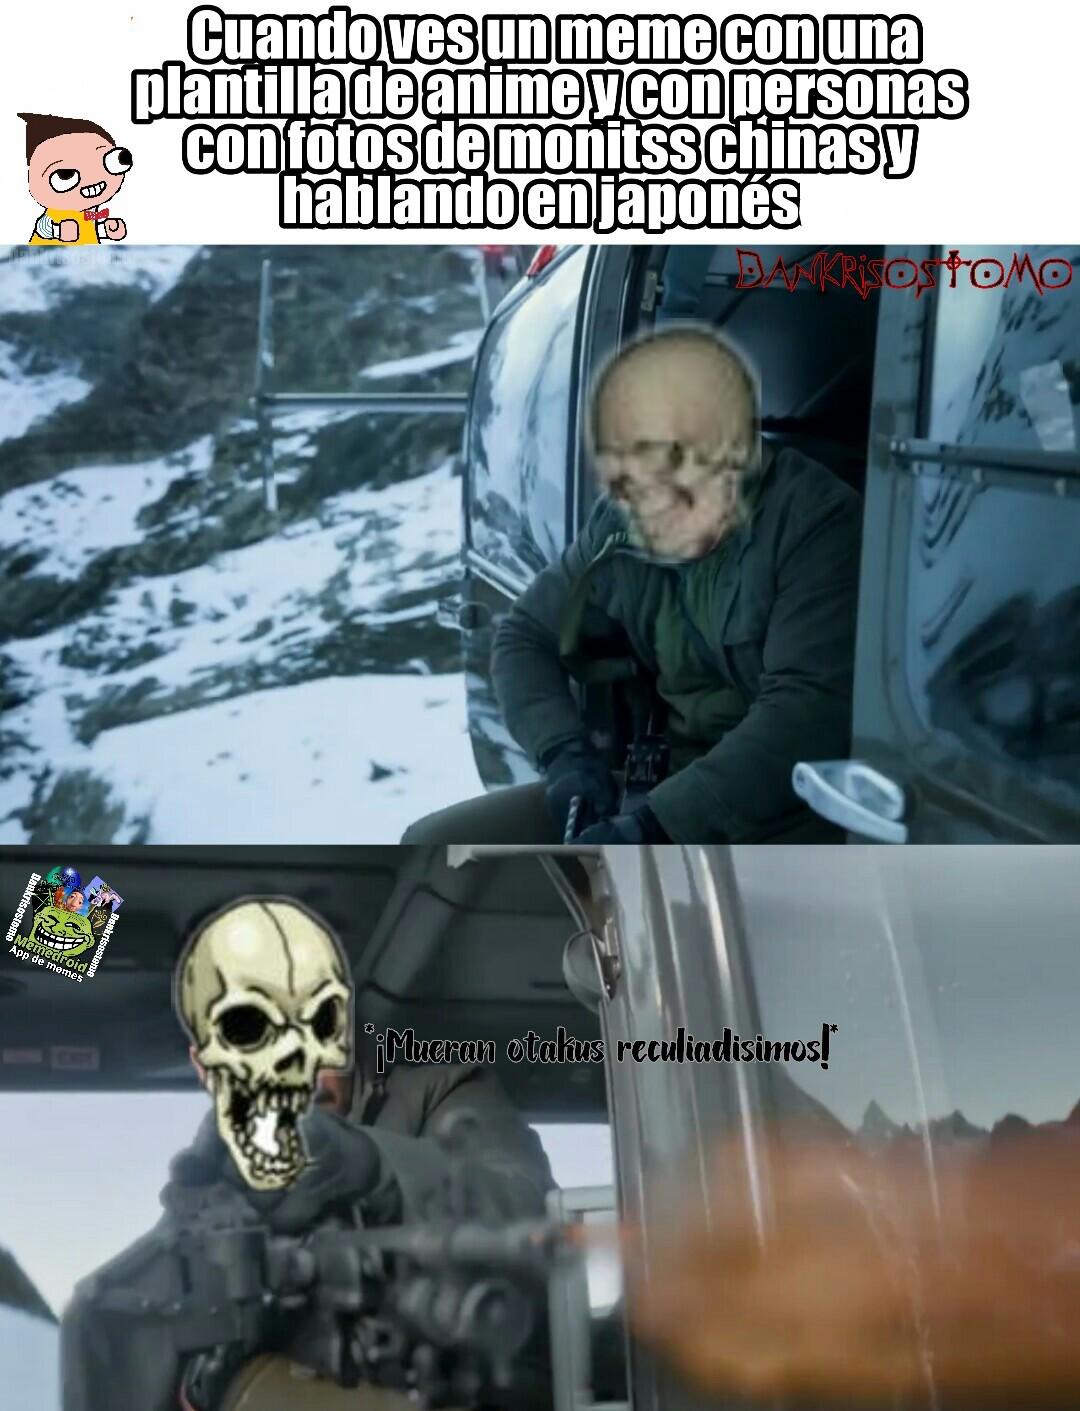 Misión anti otakus - meme